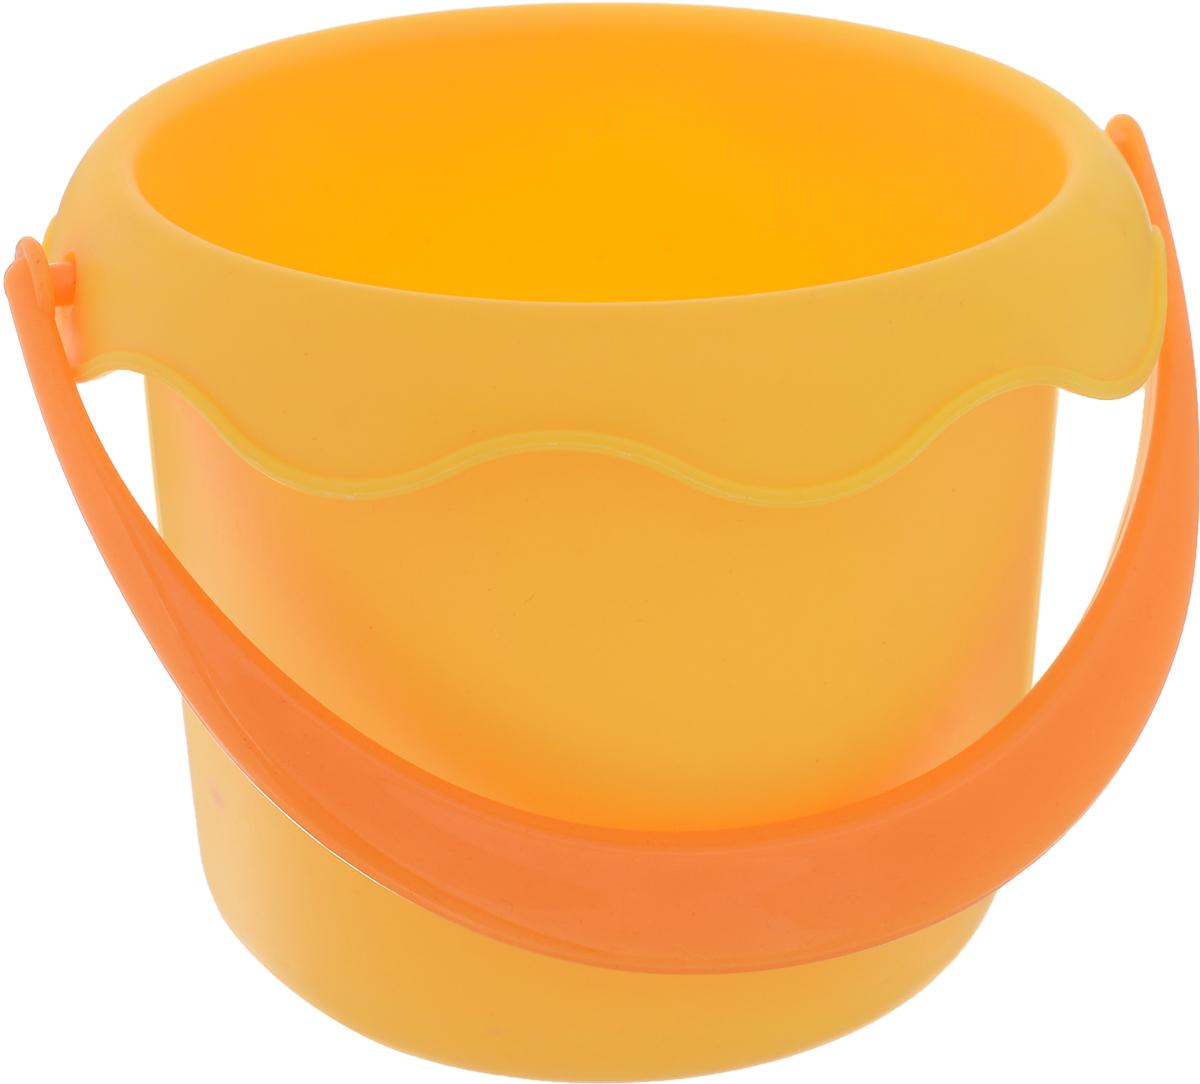 Baby Trend Игрушка для песочницы Ведро маленькое цвет желтый яигрушка игрушка для песочницы ведро маленькое цвет голубой